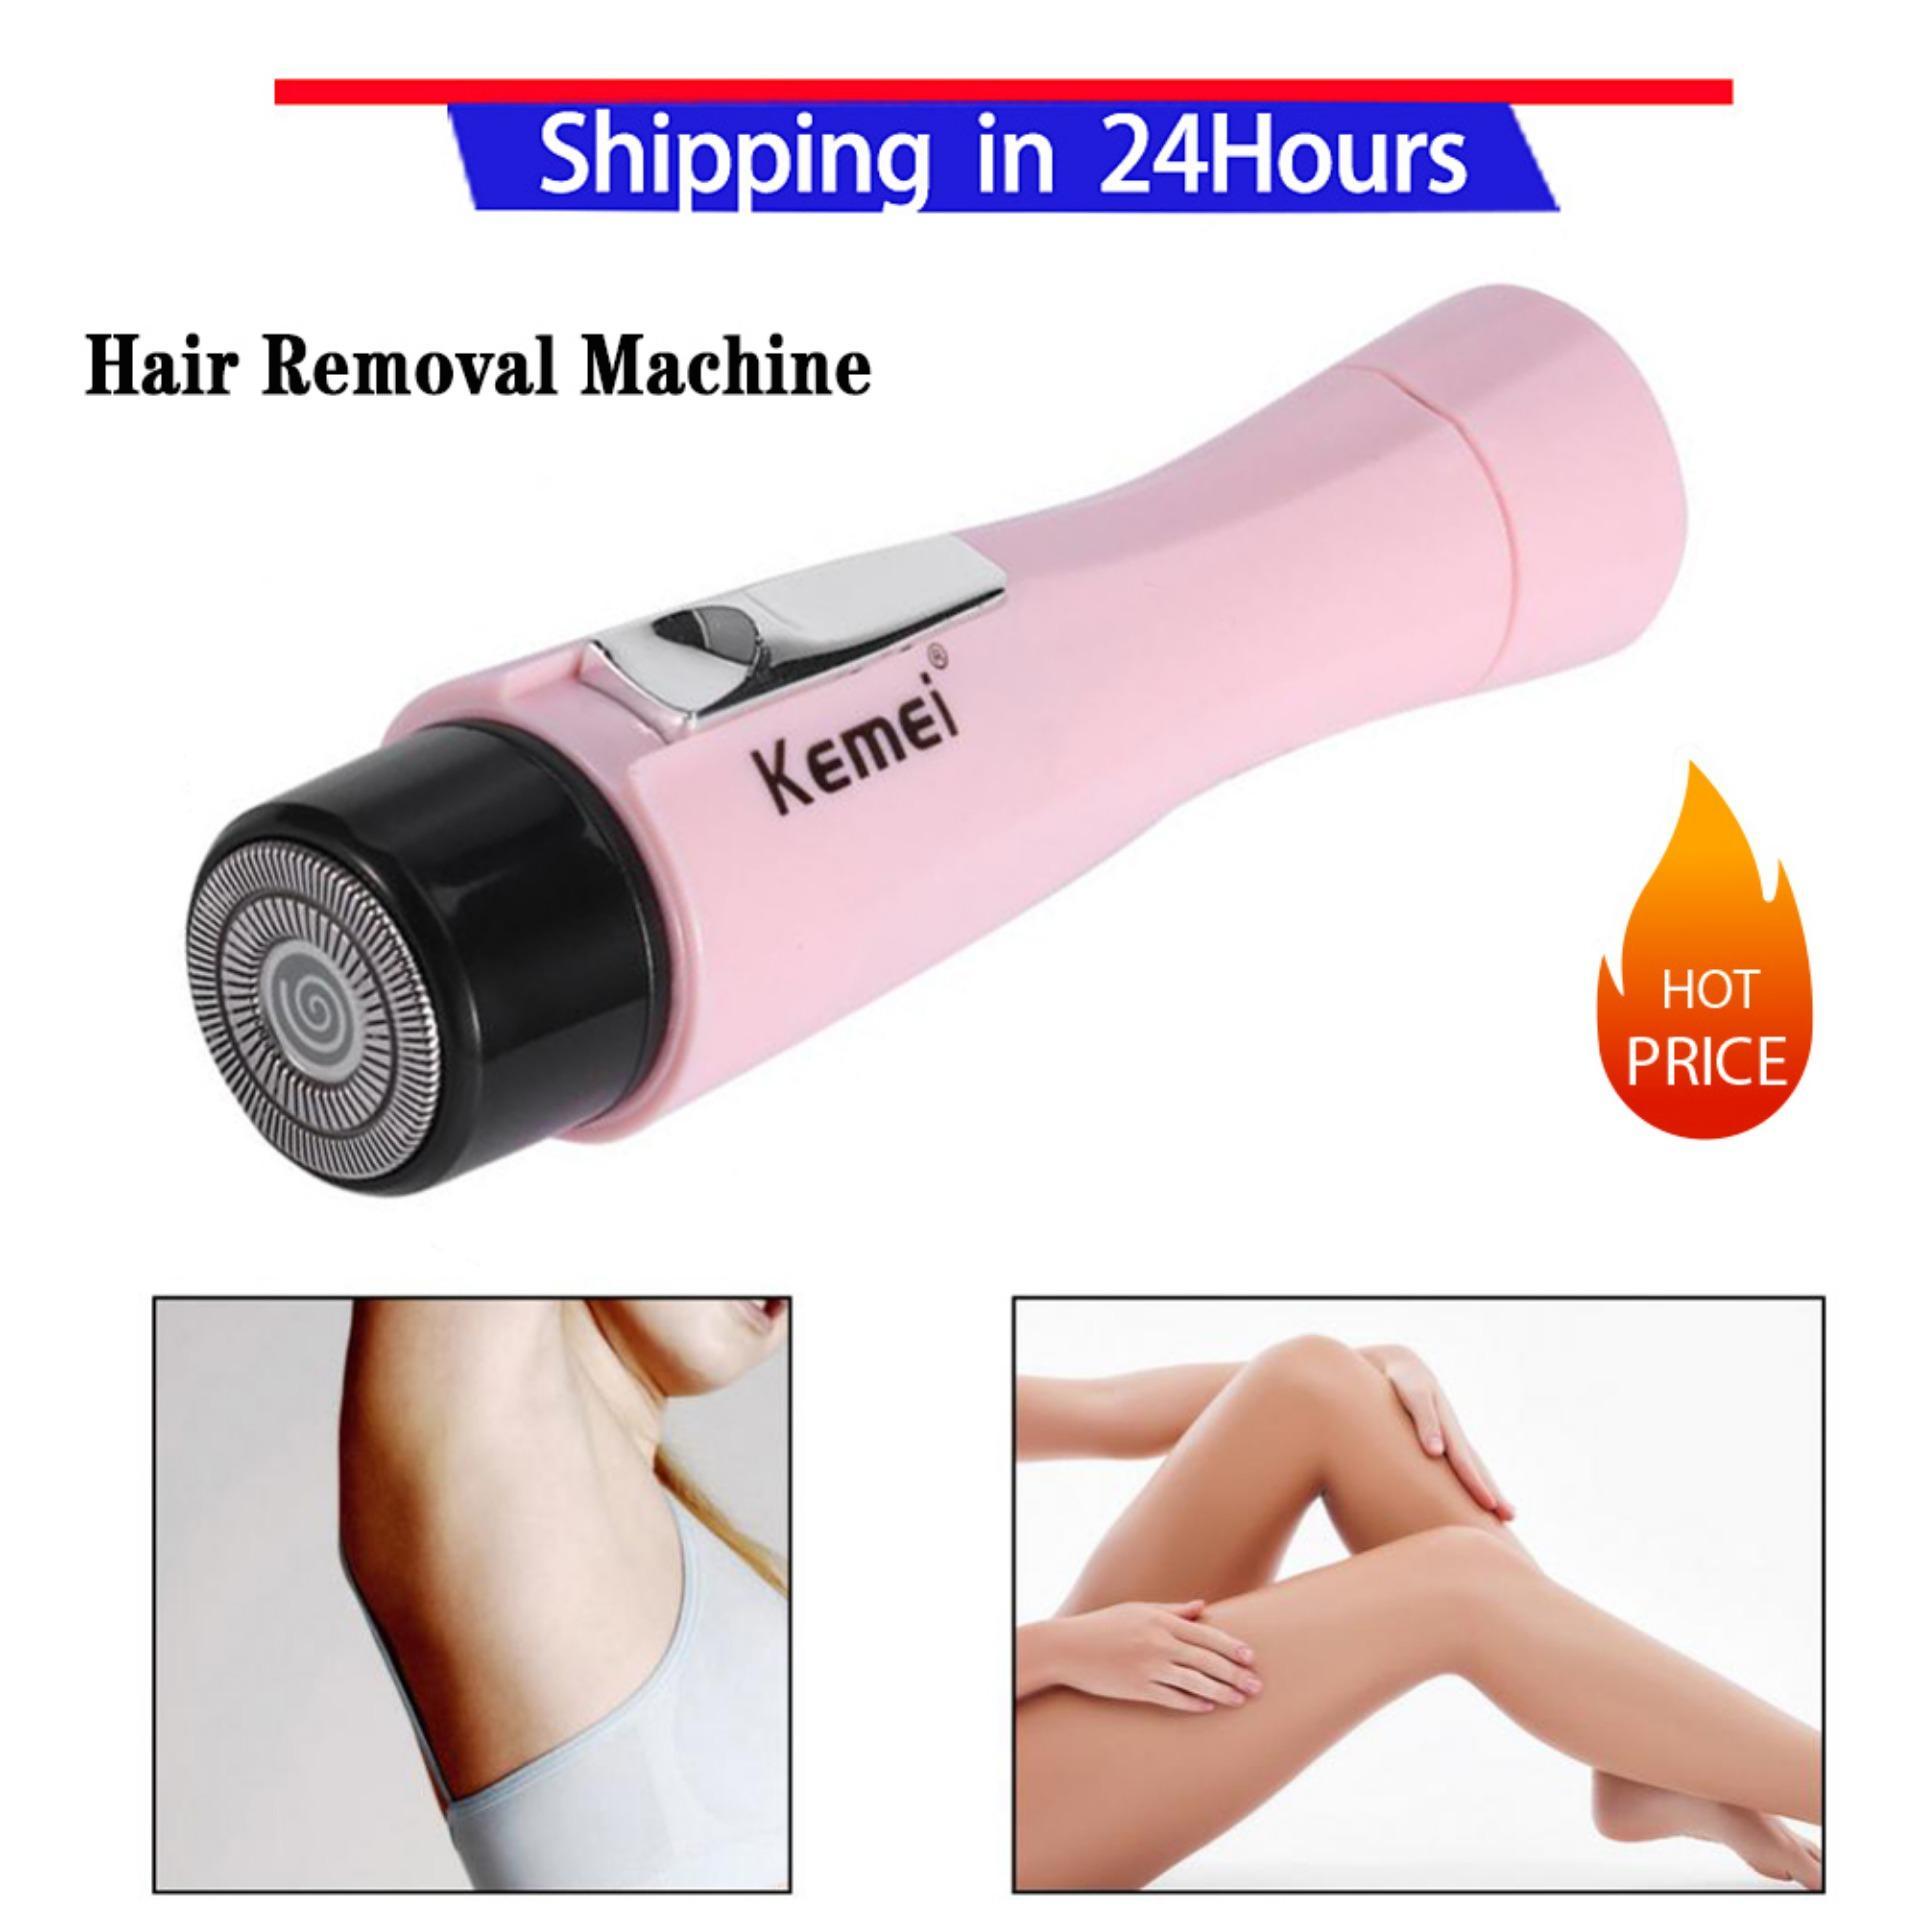 Wanita Berwarna Merah Muda Portabel Listrik Pencukur Rambut Mesin Mini  Pencabut Bulu Wanita Kecantikan Alat- cce7b57a23